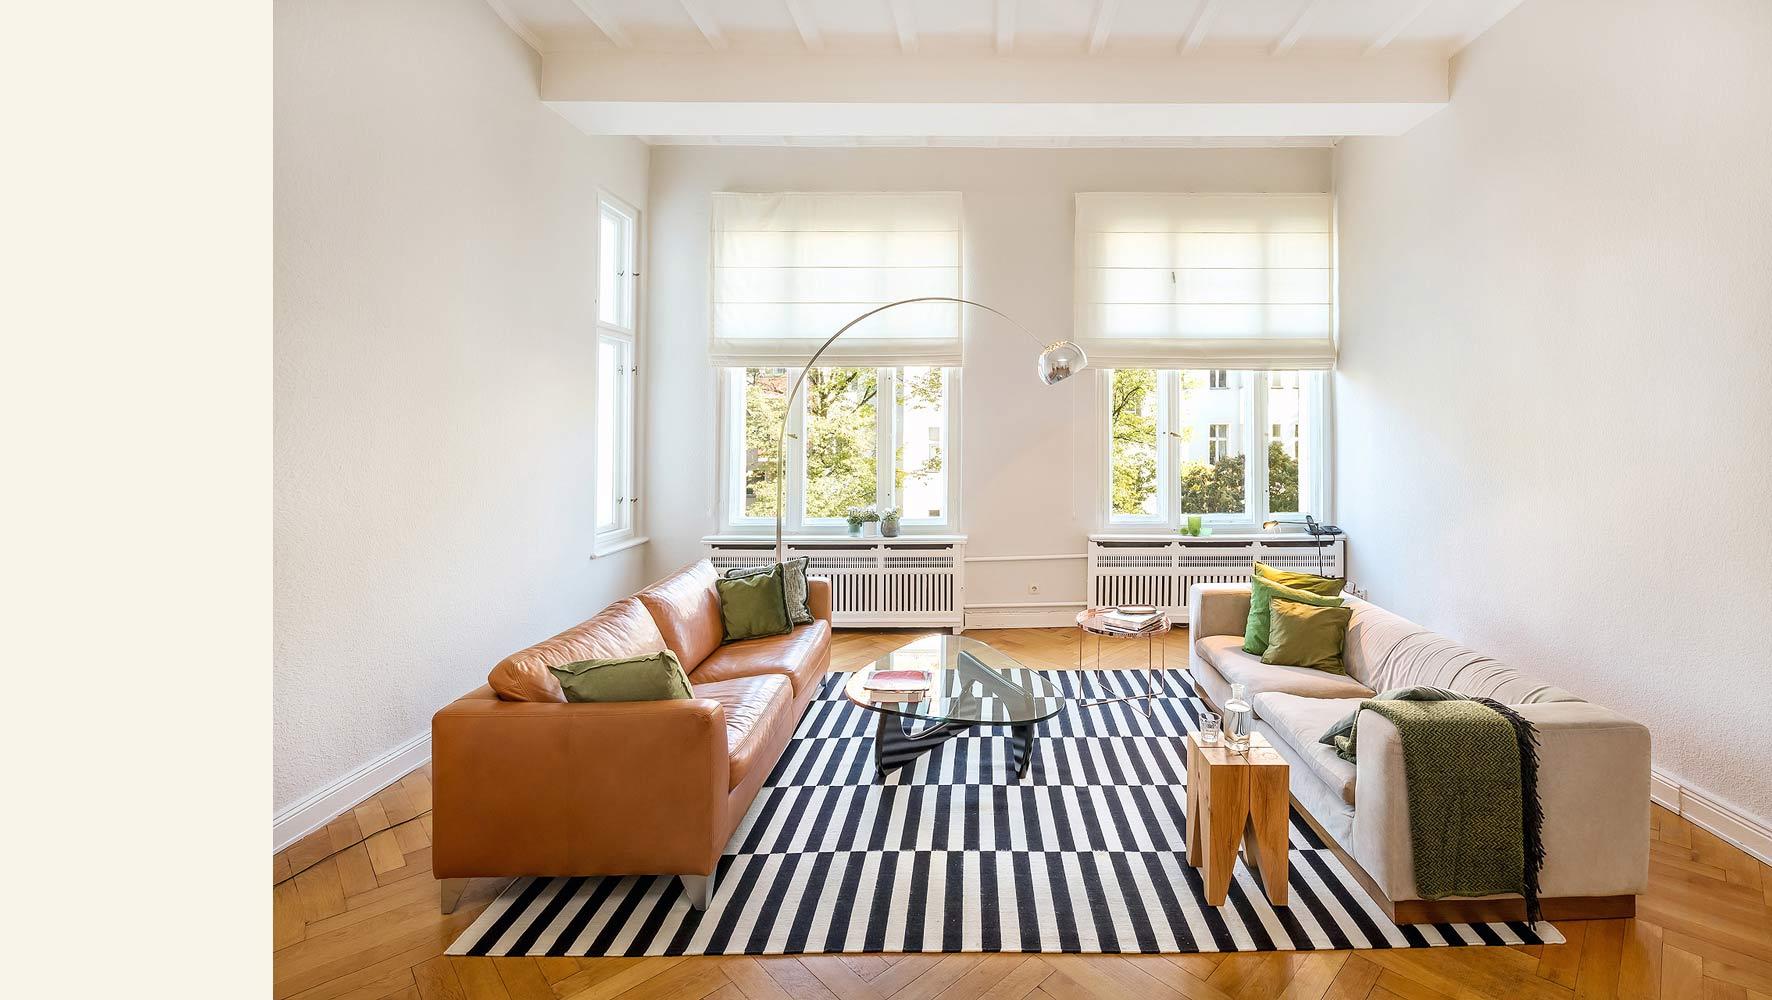 interieurfoto-großes-wohnzimmer-altbau